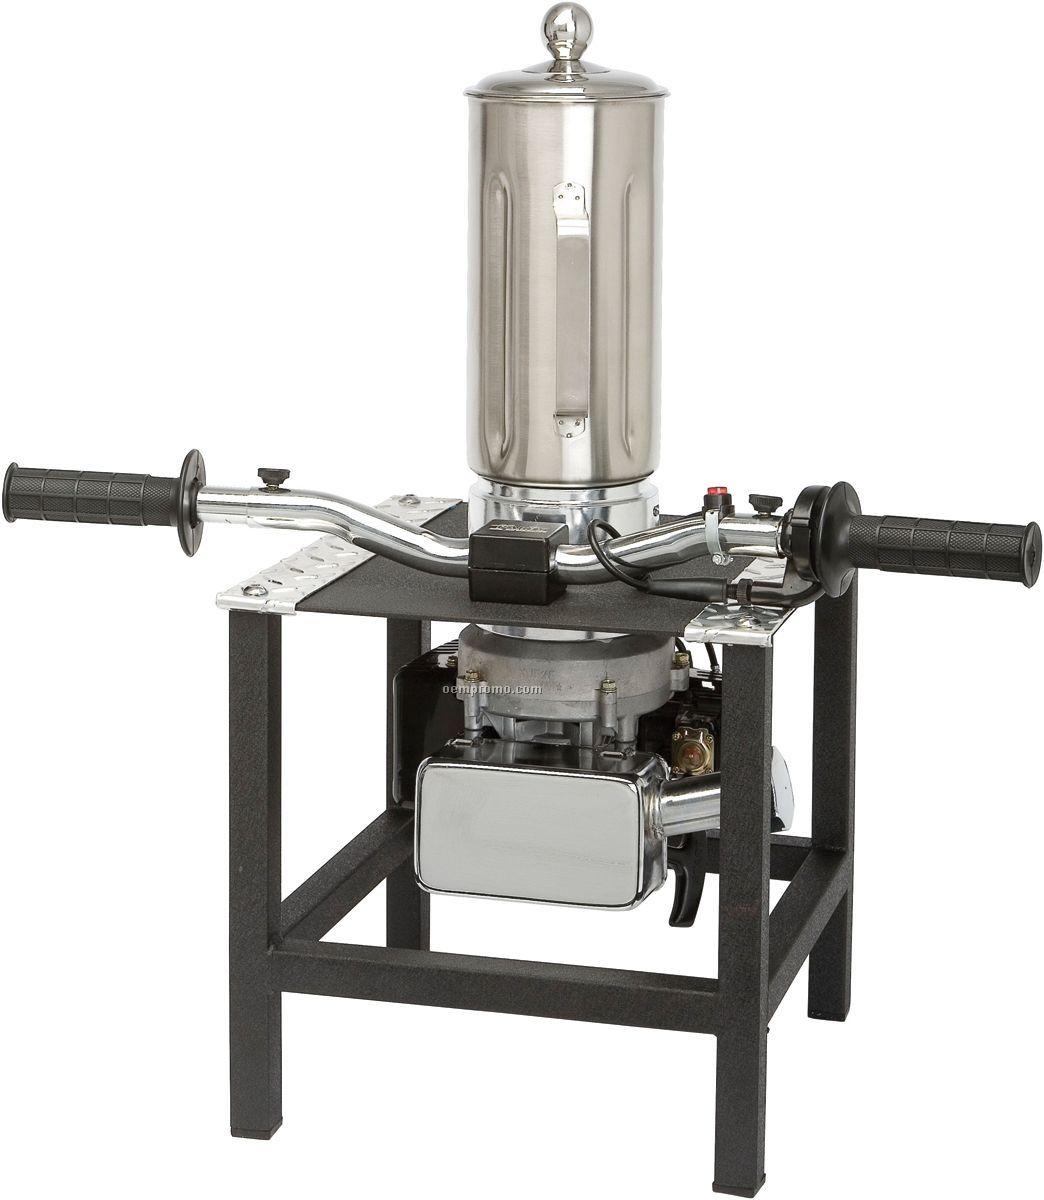 4 Stroke Gas Powered Blender